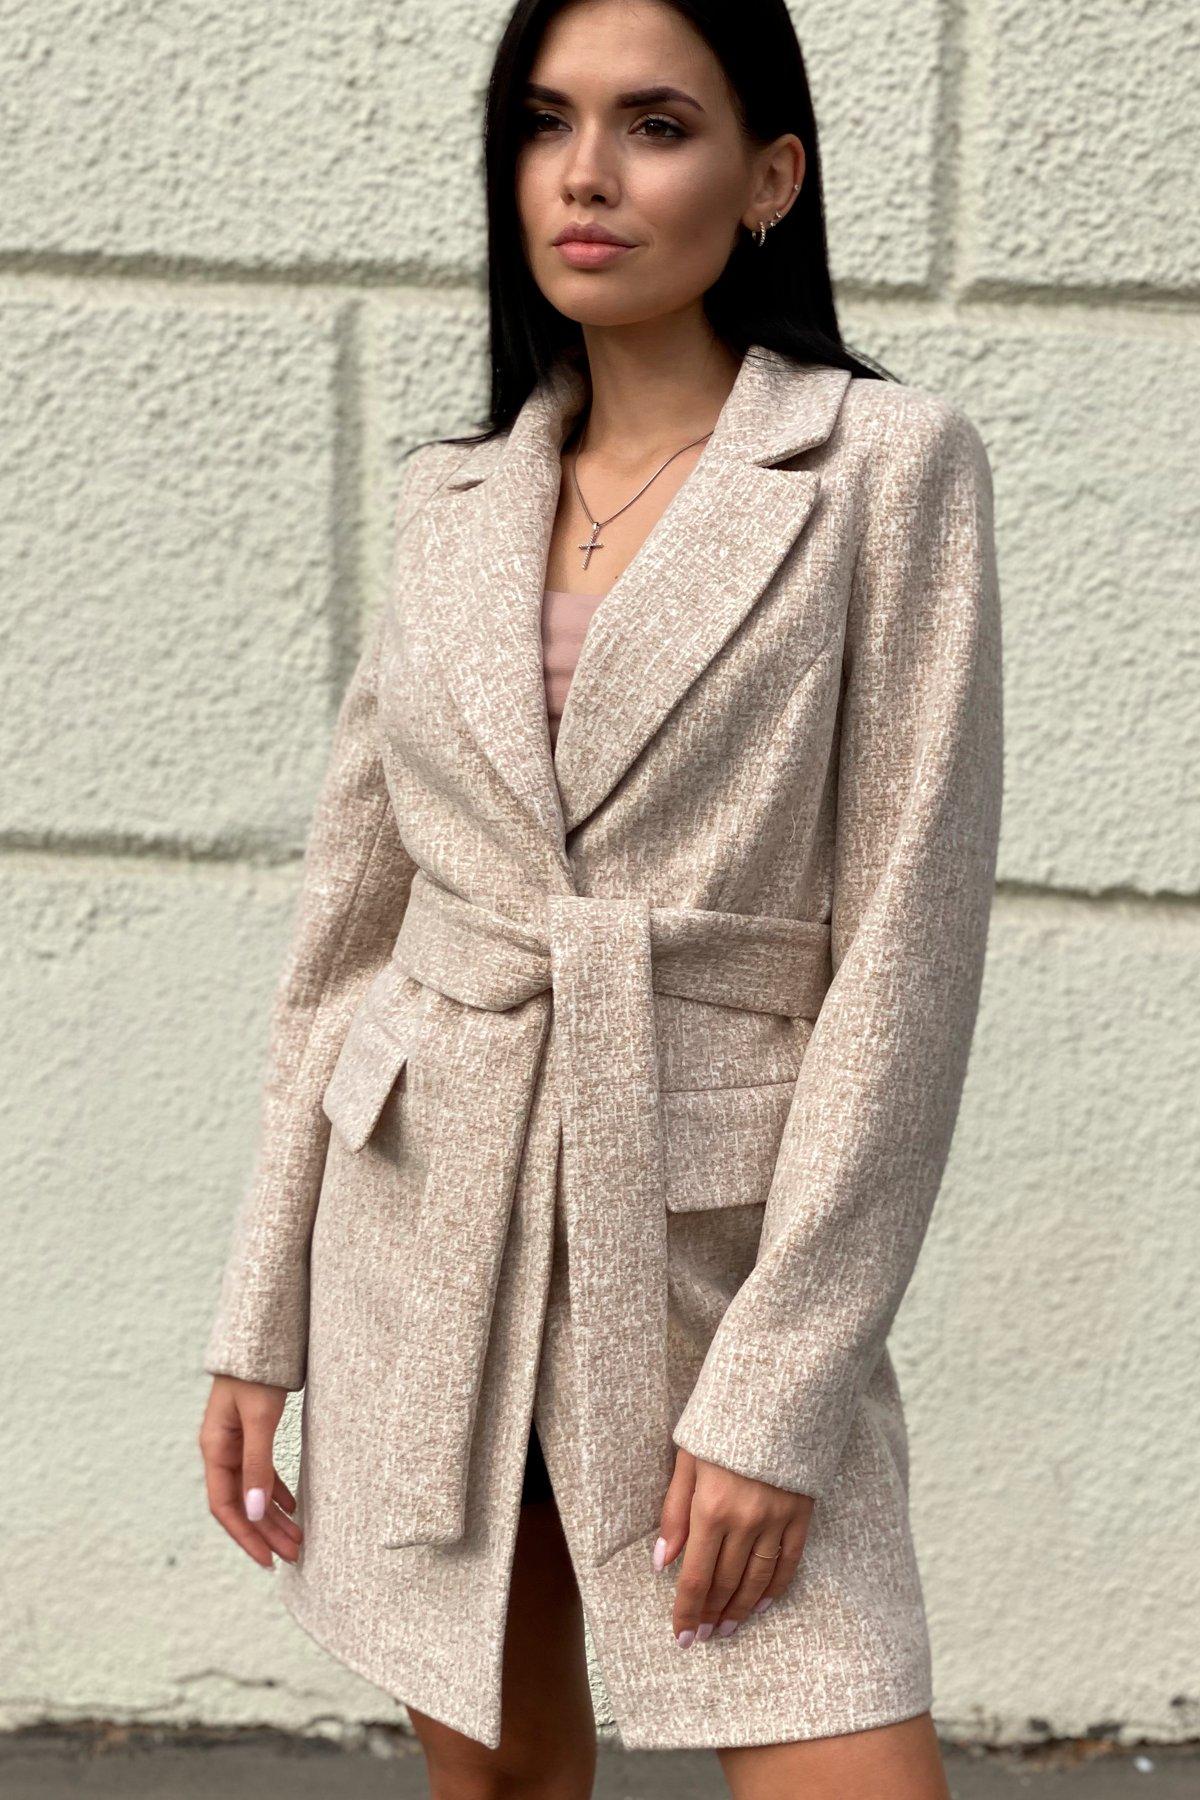 Корси кашемир меланж на трикотаже текстурный пальто 9878 АРТ. 46165 Цвет: Бежевый/молоко - фото 2, интернет магазин tm-modus.ru